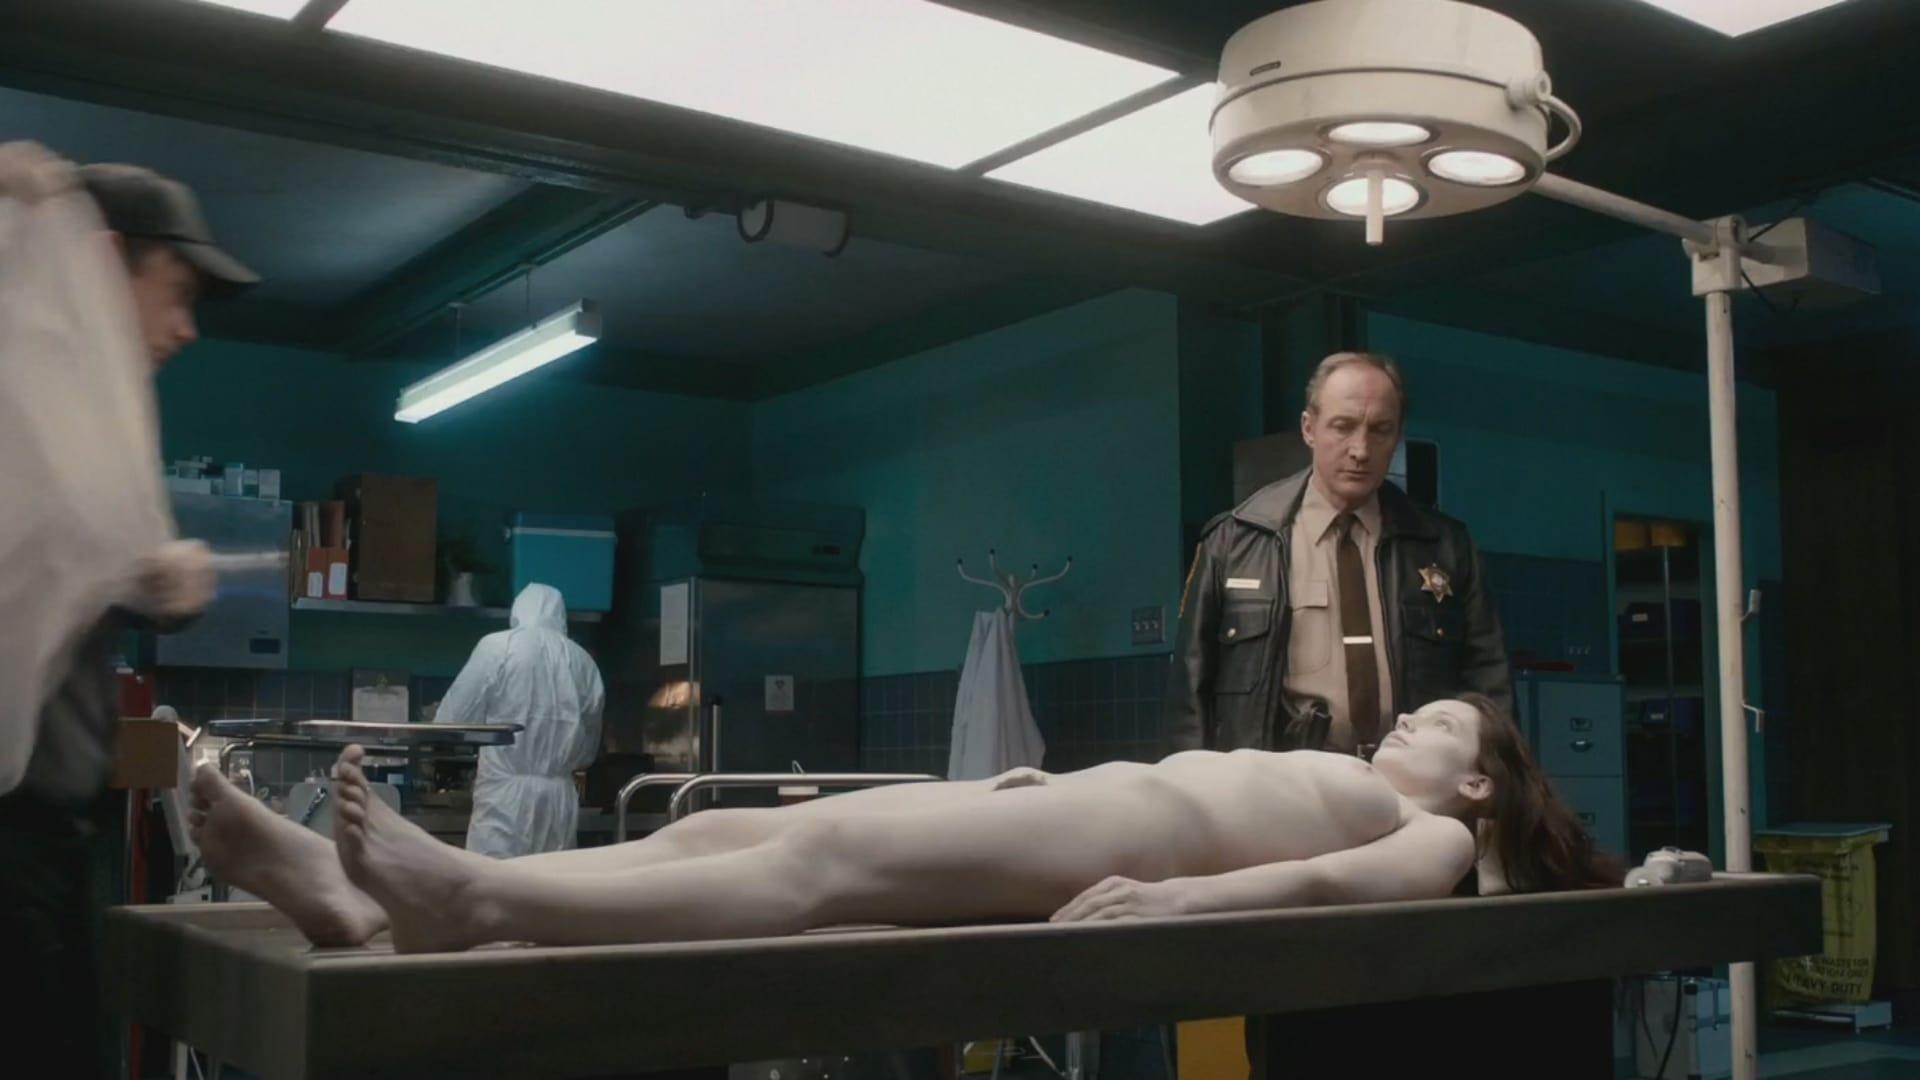 La morgue